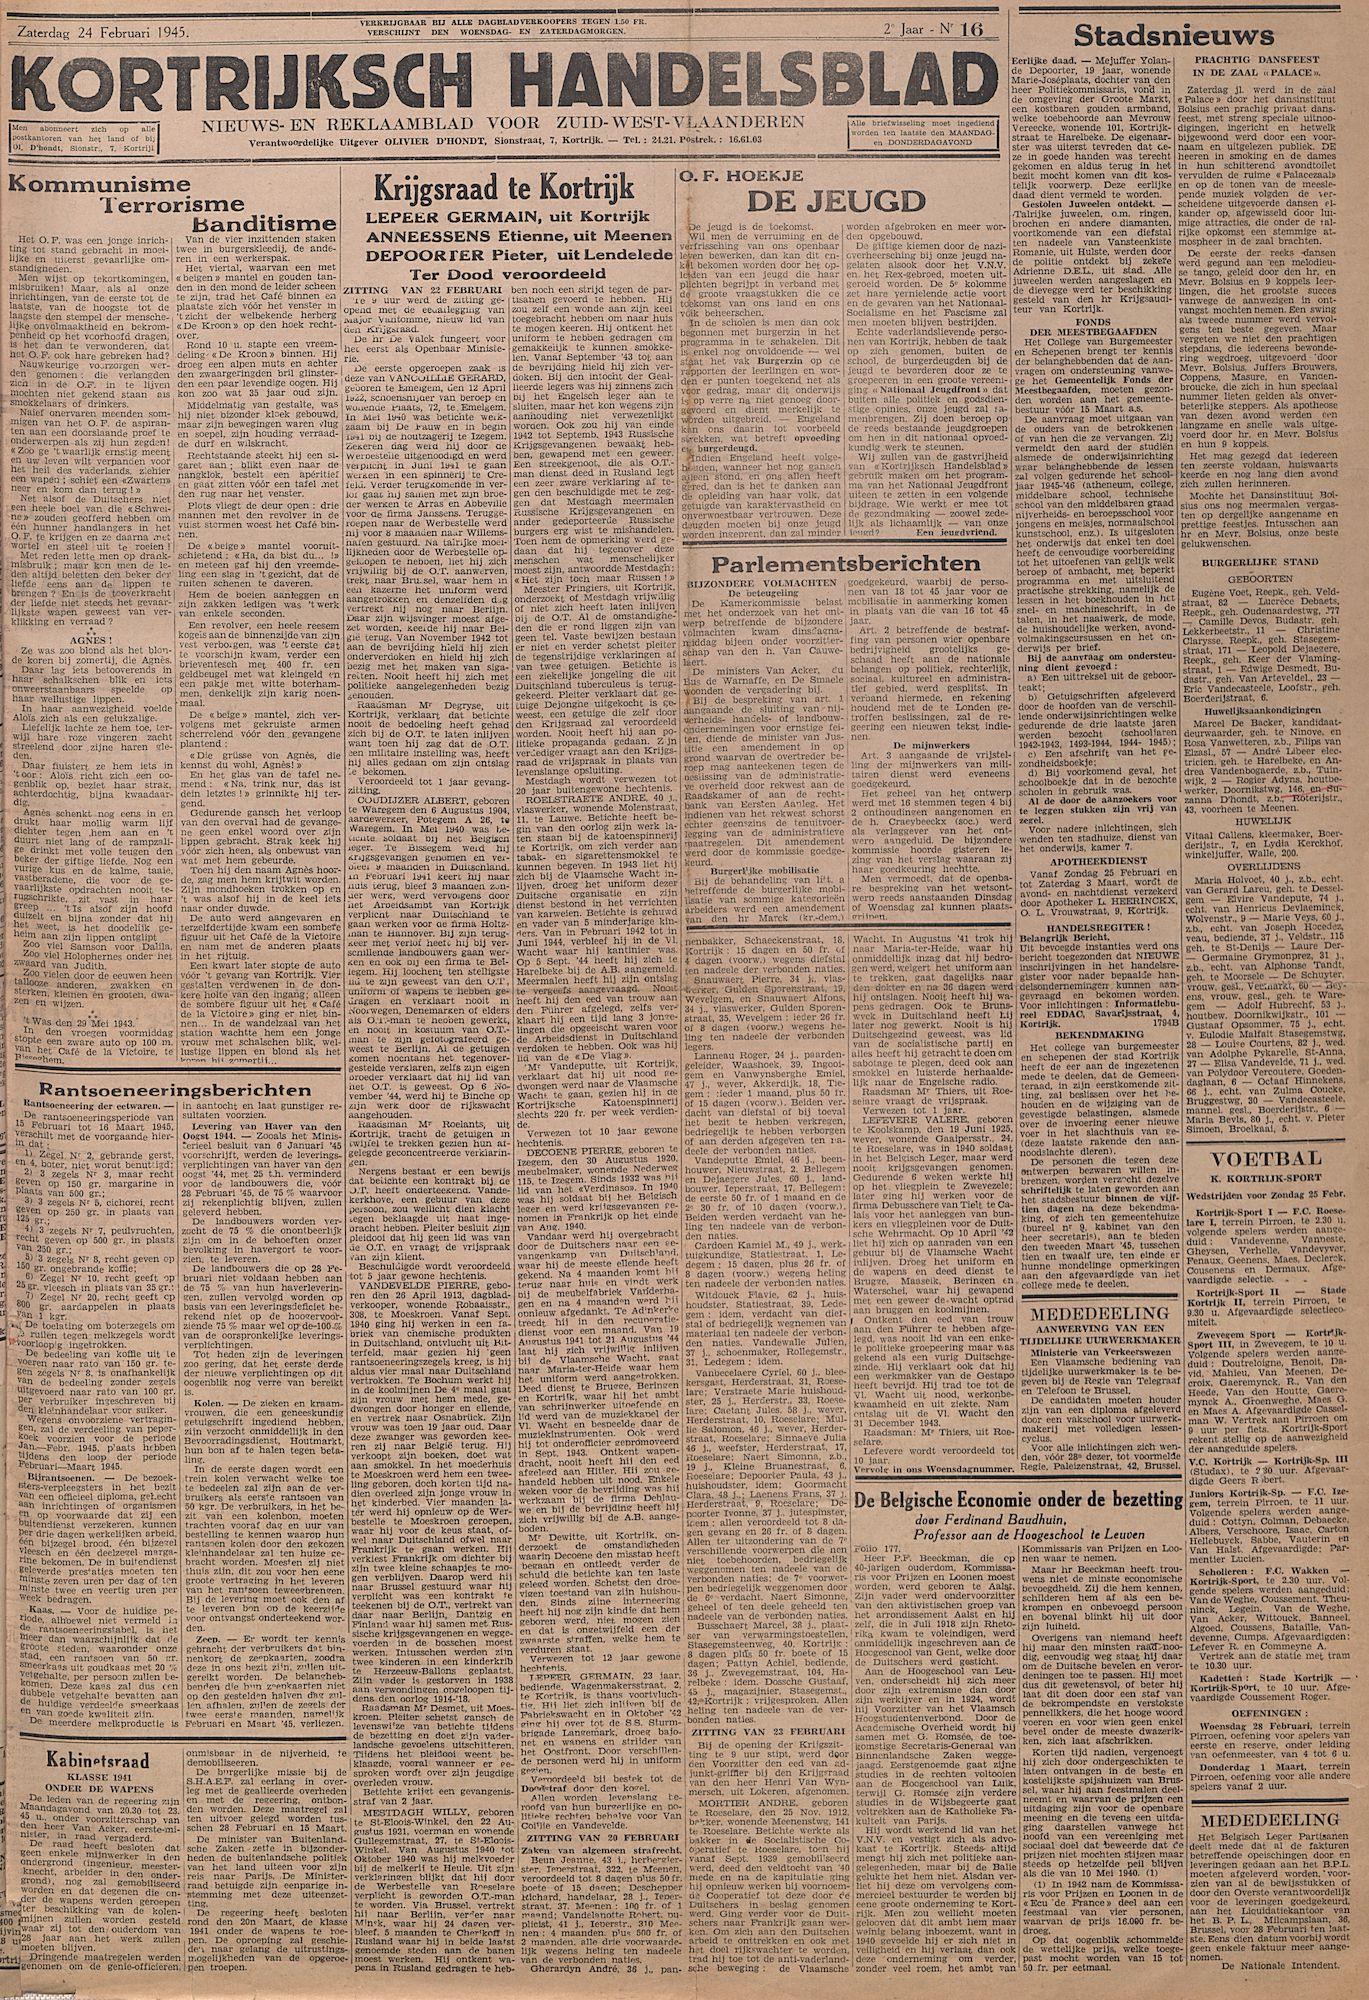 Kortrijksch Handelsblad 24 februari 1945 Nr16 p1